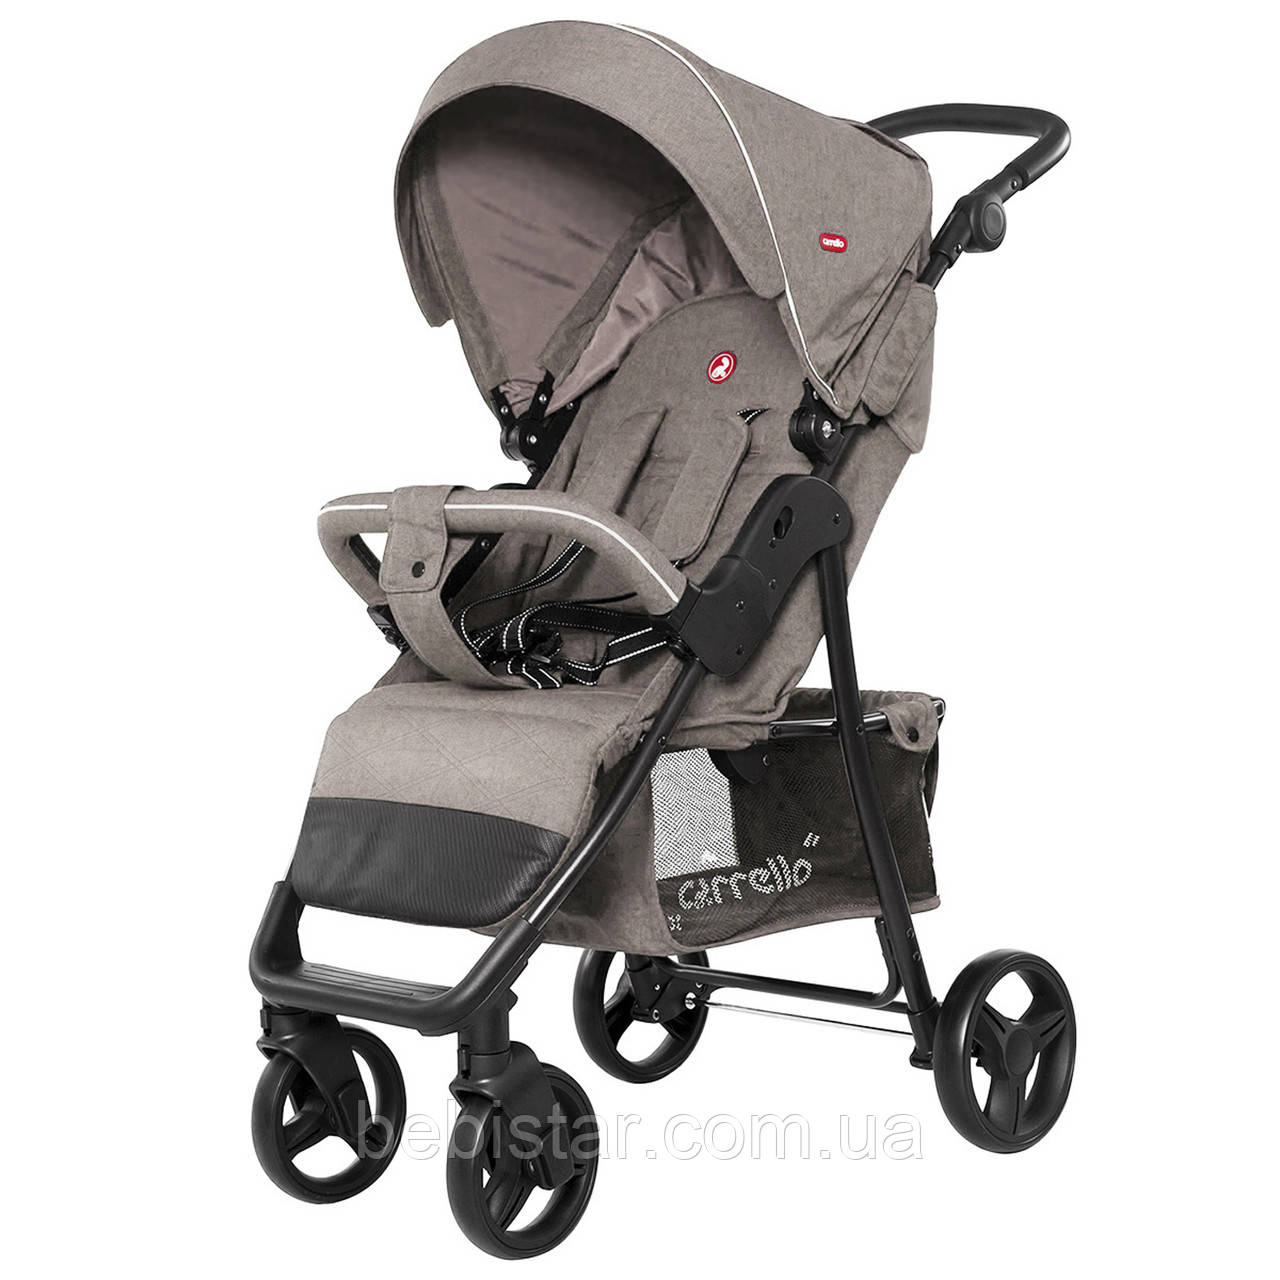 Детская прогулочная коляска бежевая, дождевик, черная рама CARRELLO Quattro CRL-8502/2 Frost Beige в льне